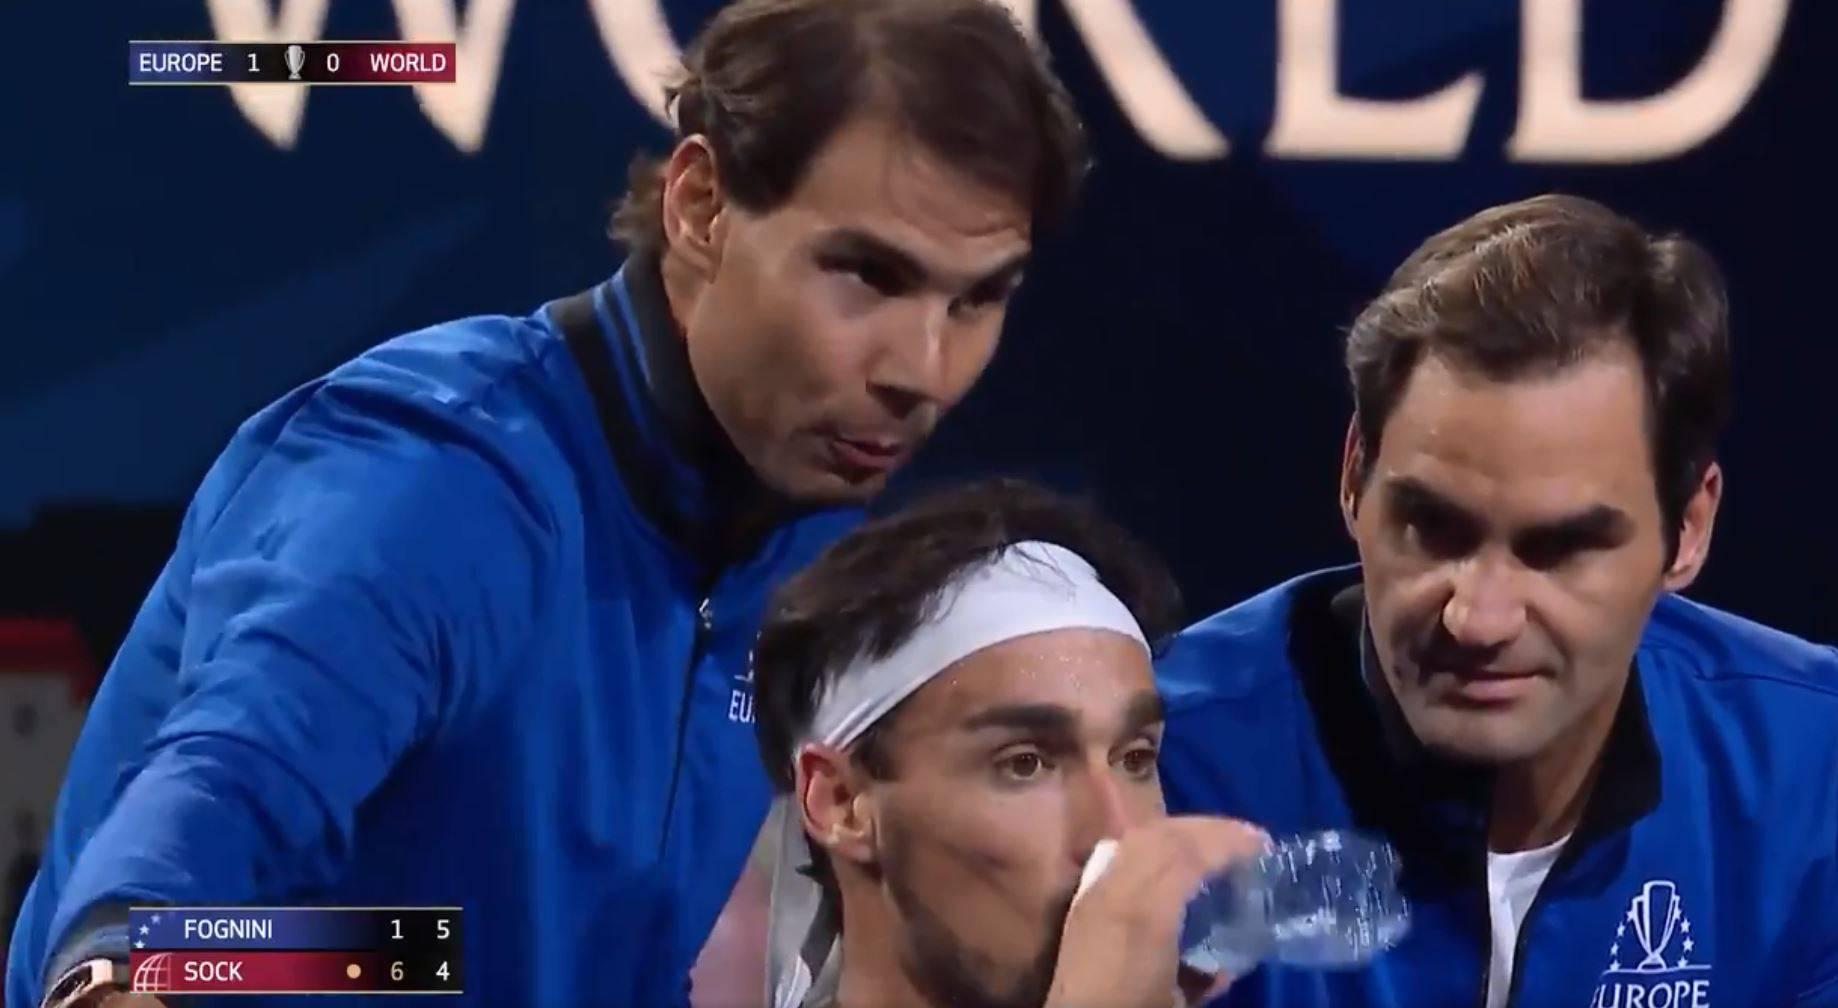 Fabio, slušaj ovamo! Federer i Nadal davali su upute Fogniniju